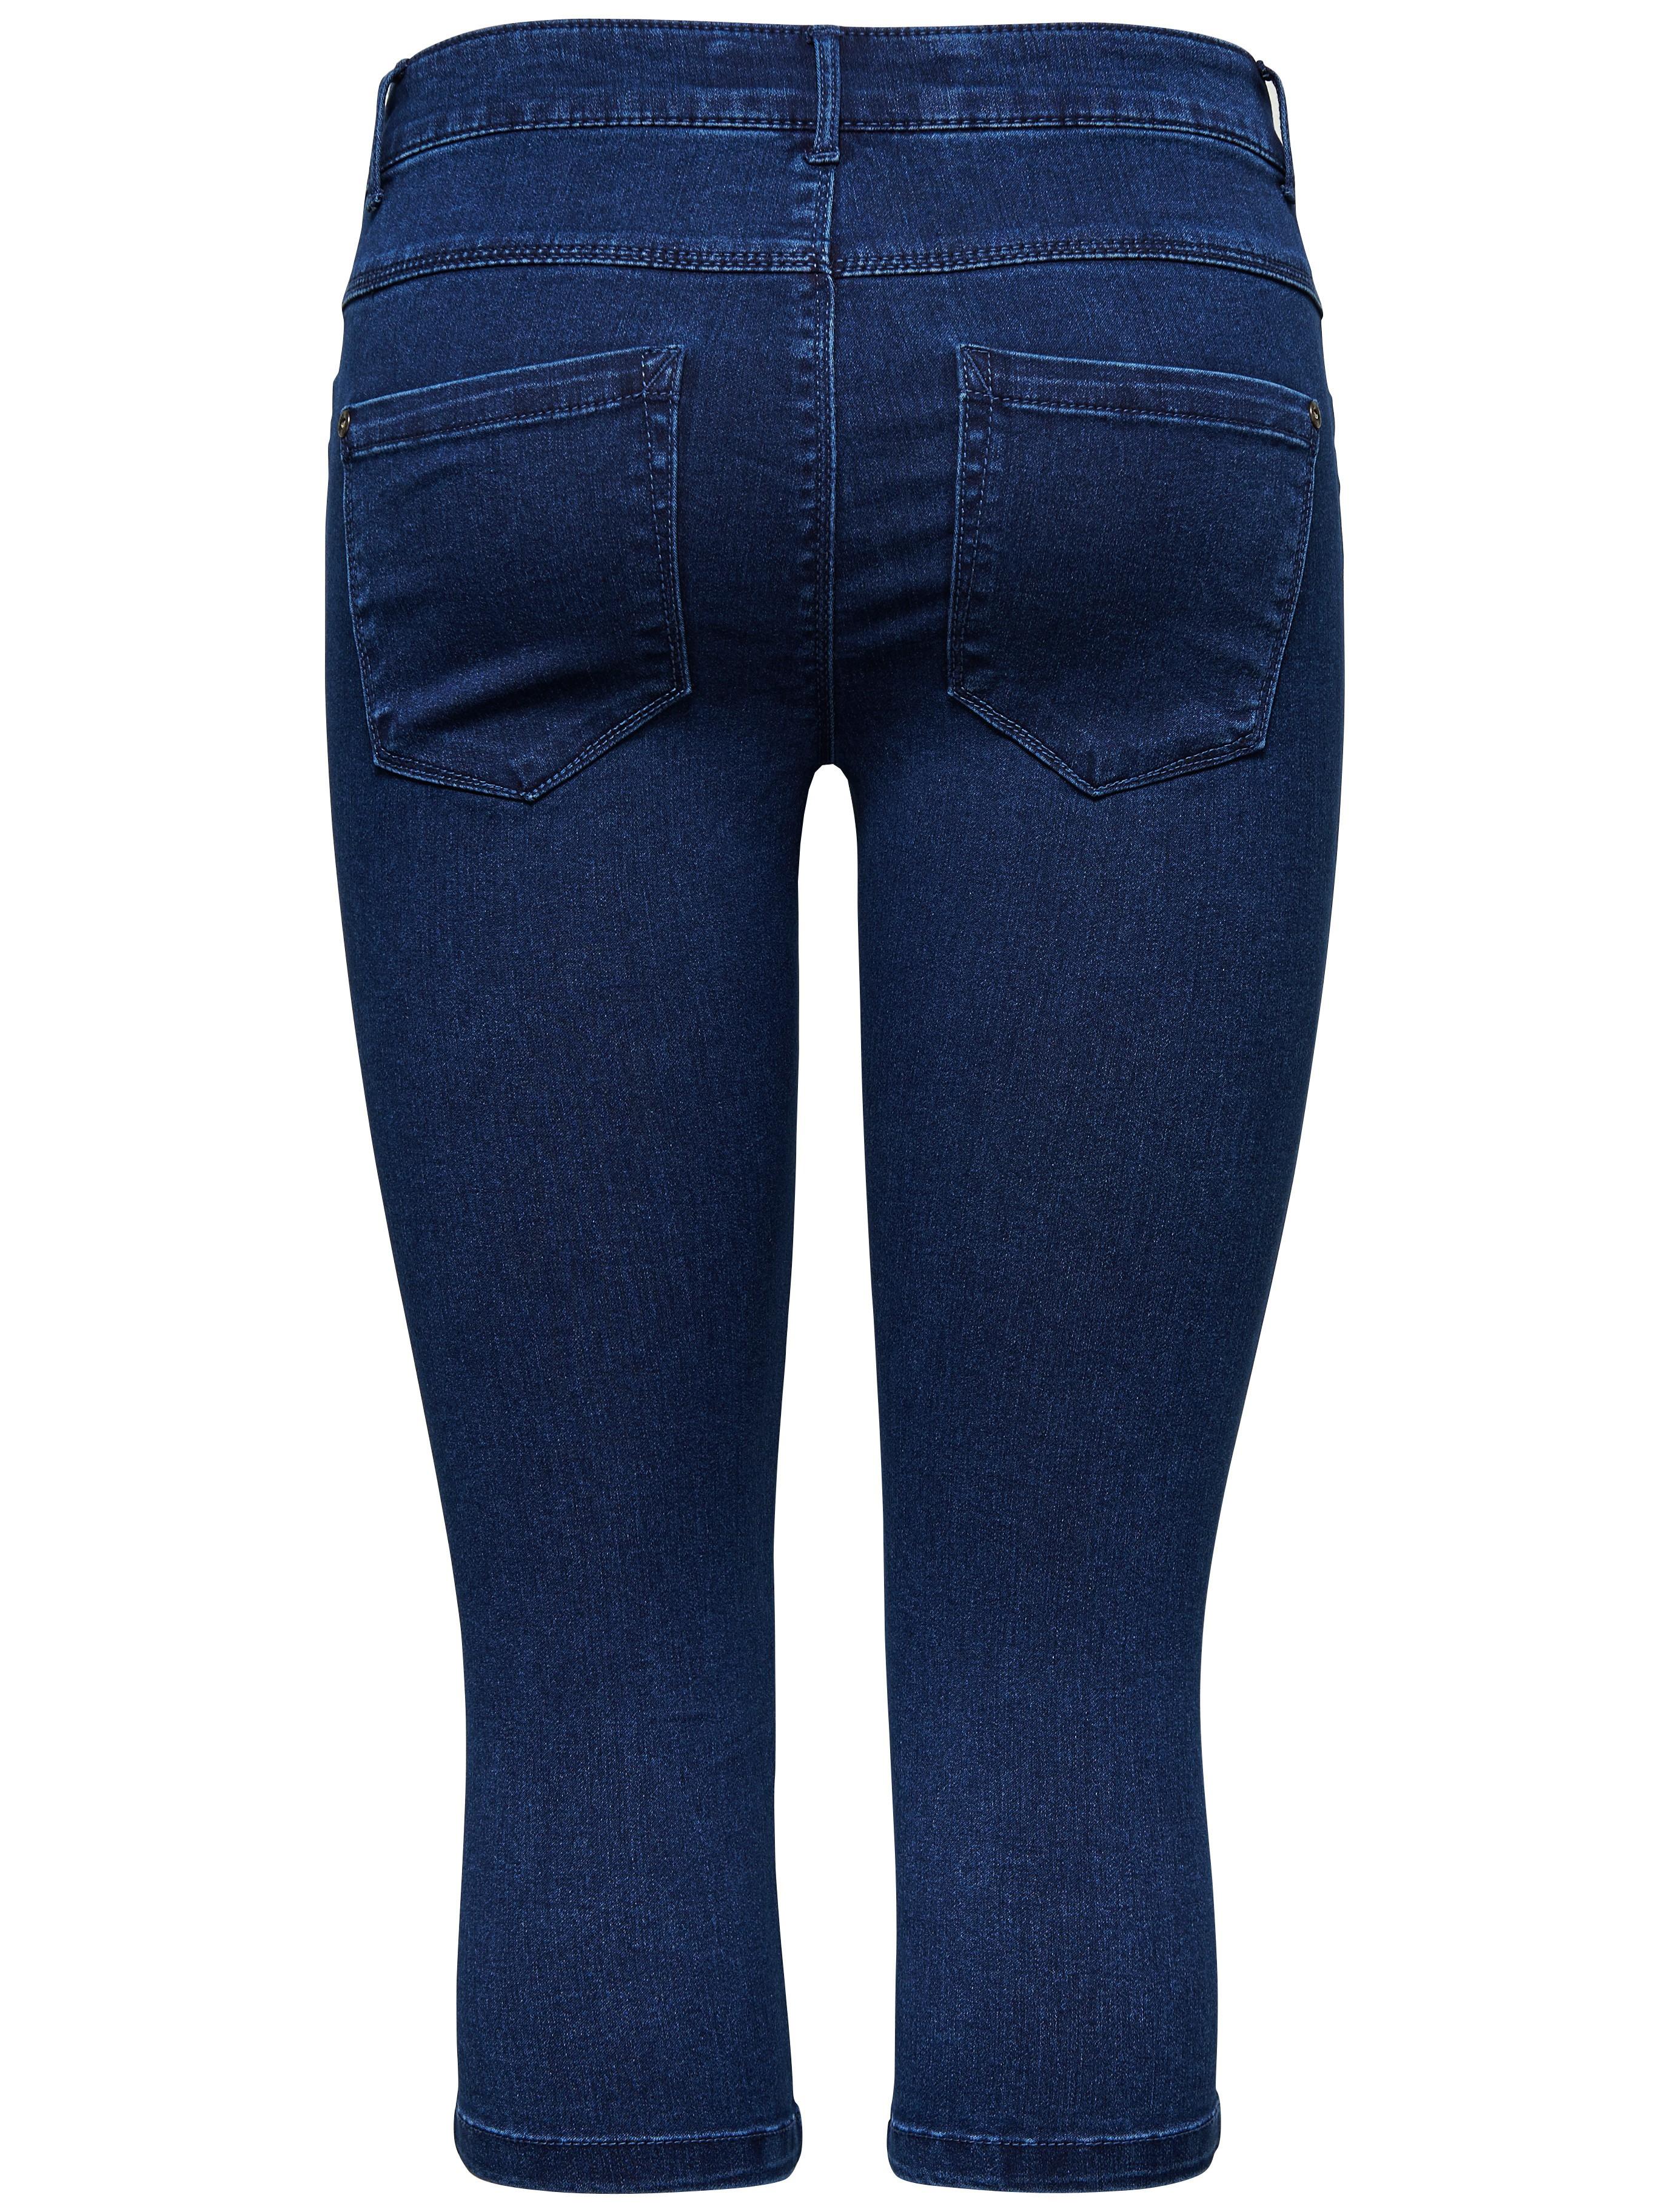 only damen 3 4 capri jeans hose royal reg skinny knickers noos schwarz. Black Bedroom Furniture Sets. Home Design Ideas